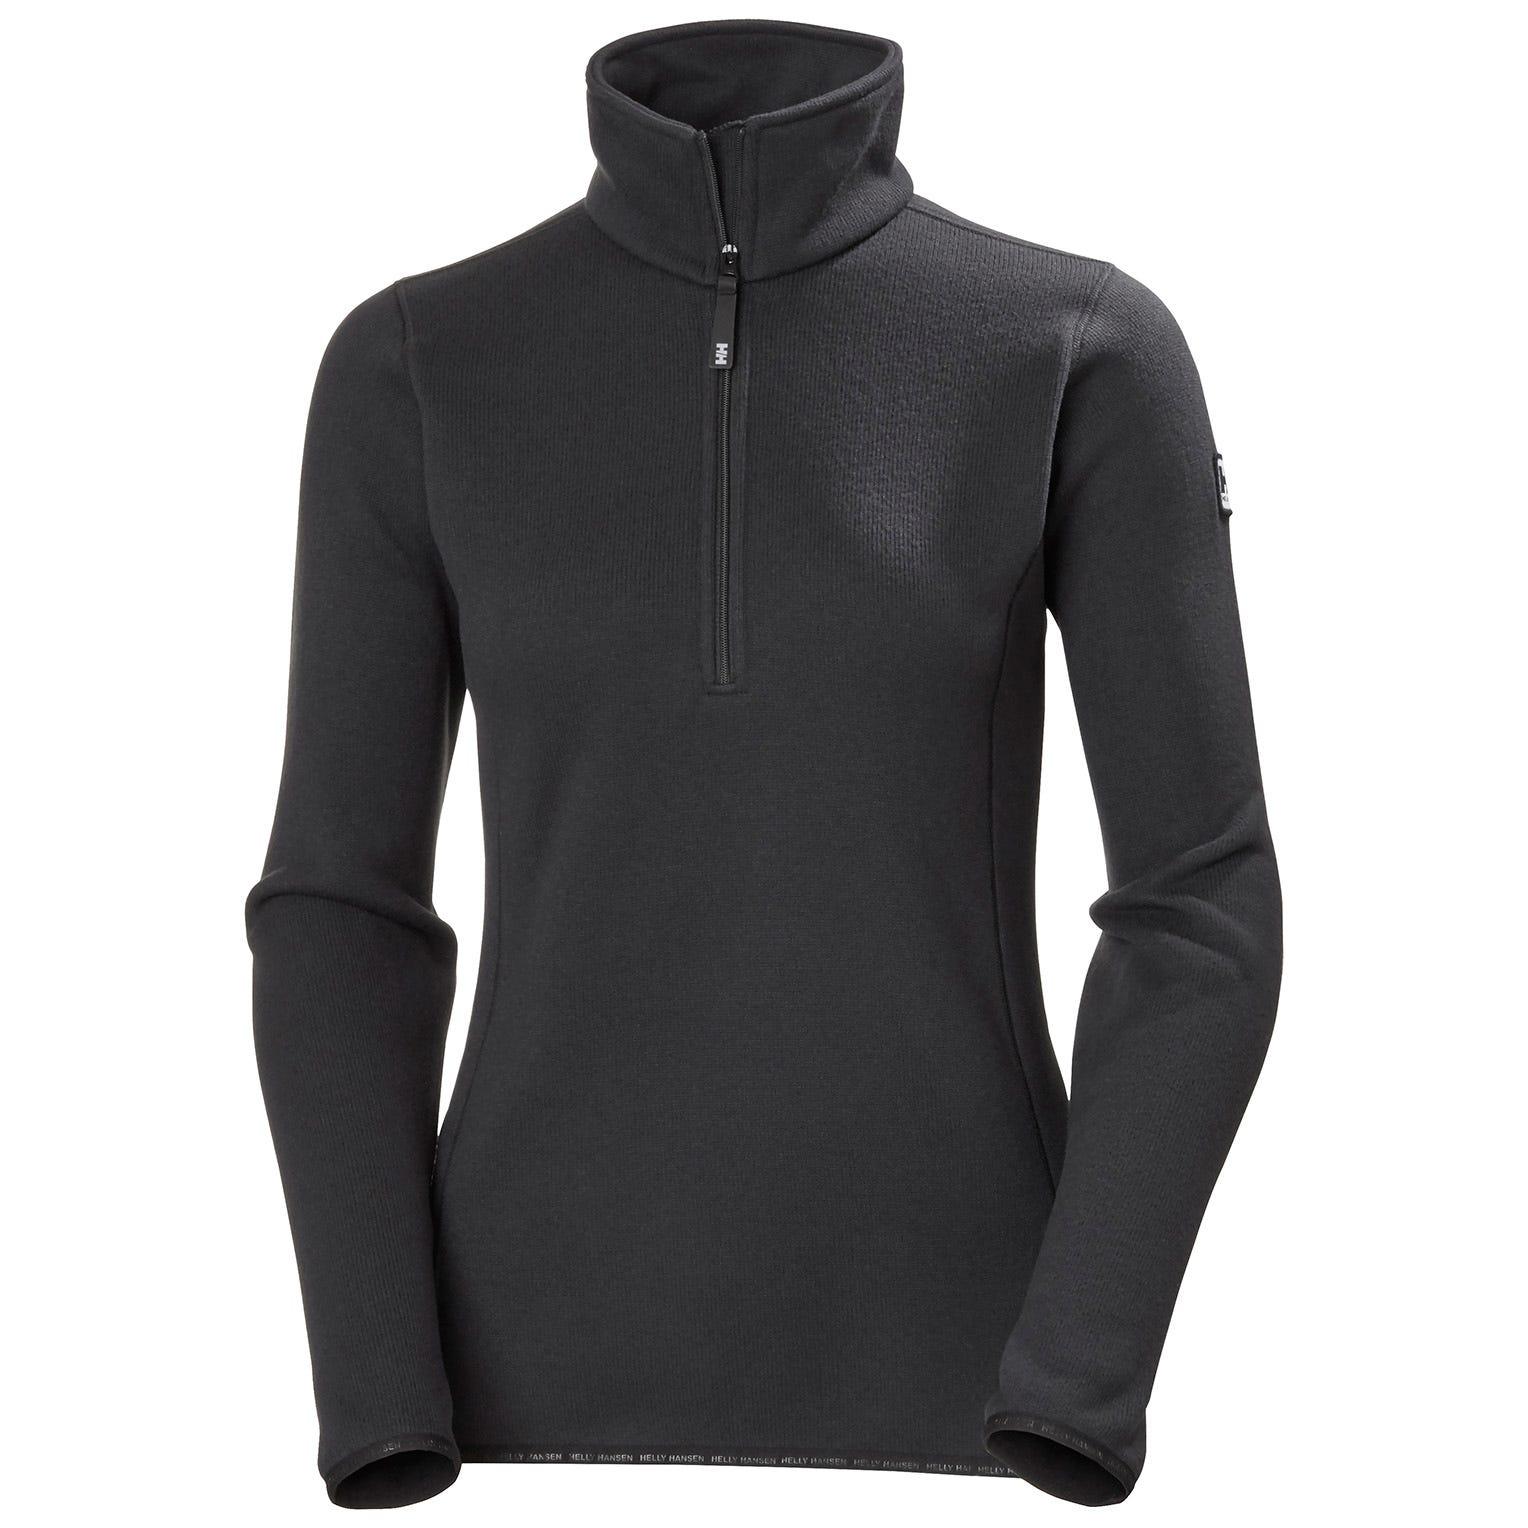 Helly Hansen W Crew 1/2 Zip Fleece Jacket Womens Midlayer Yellow XL